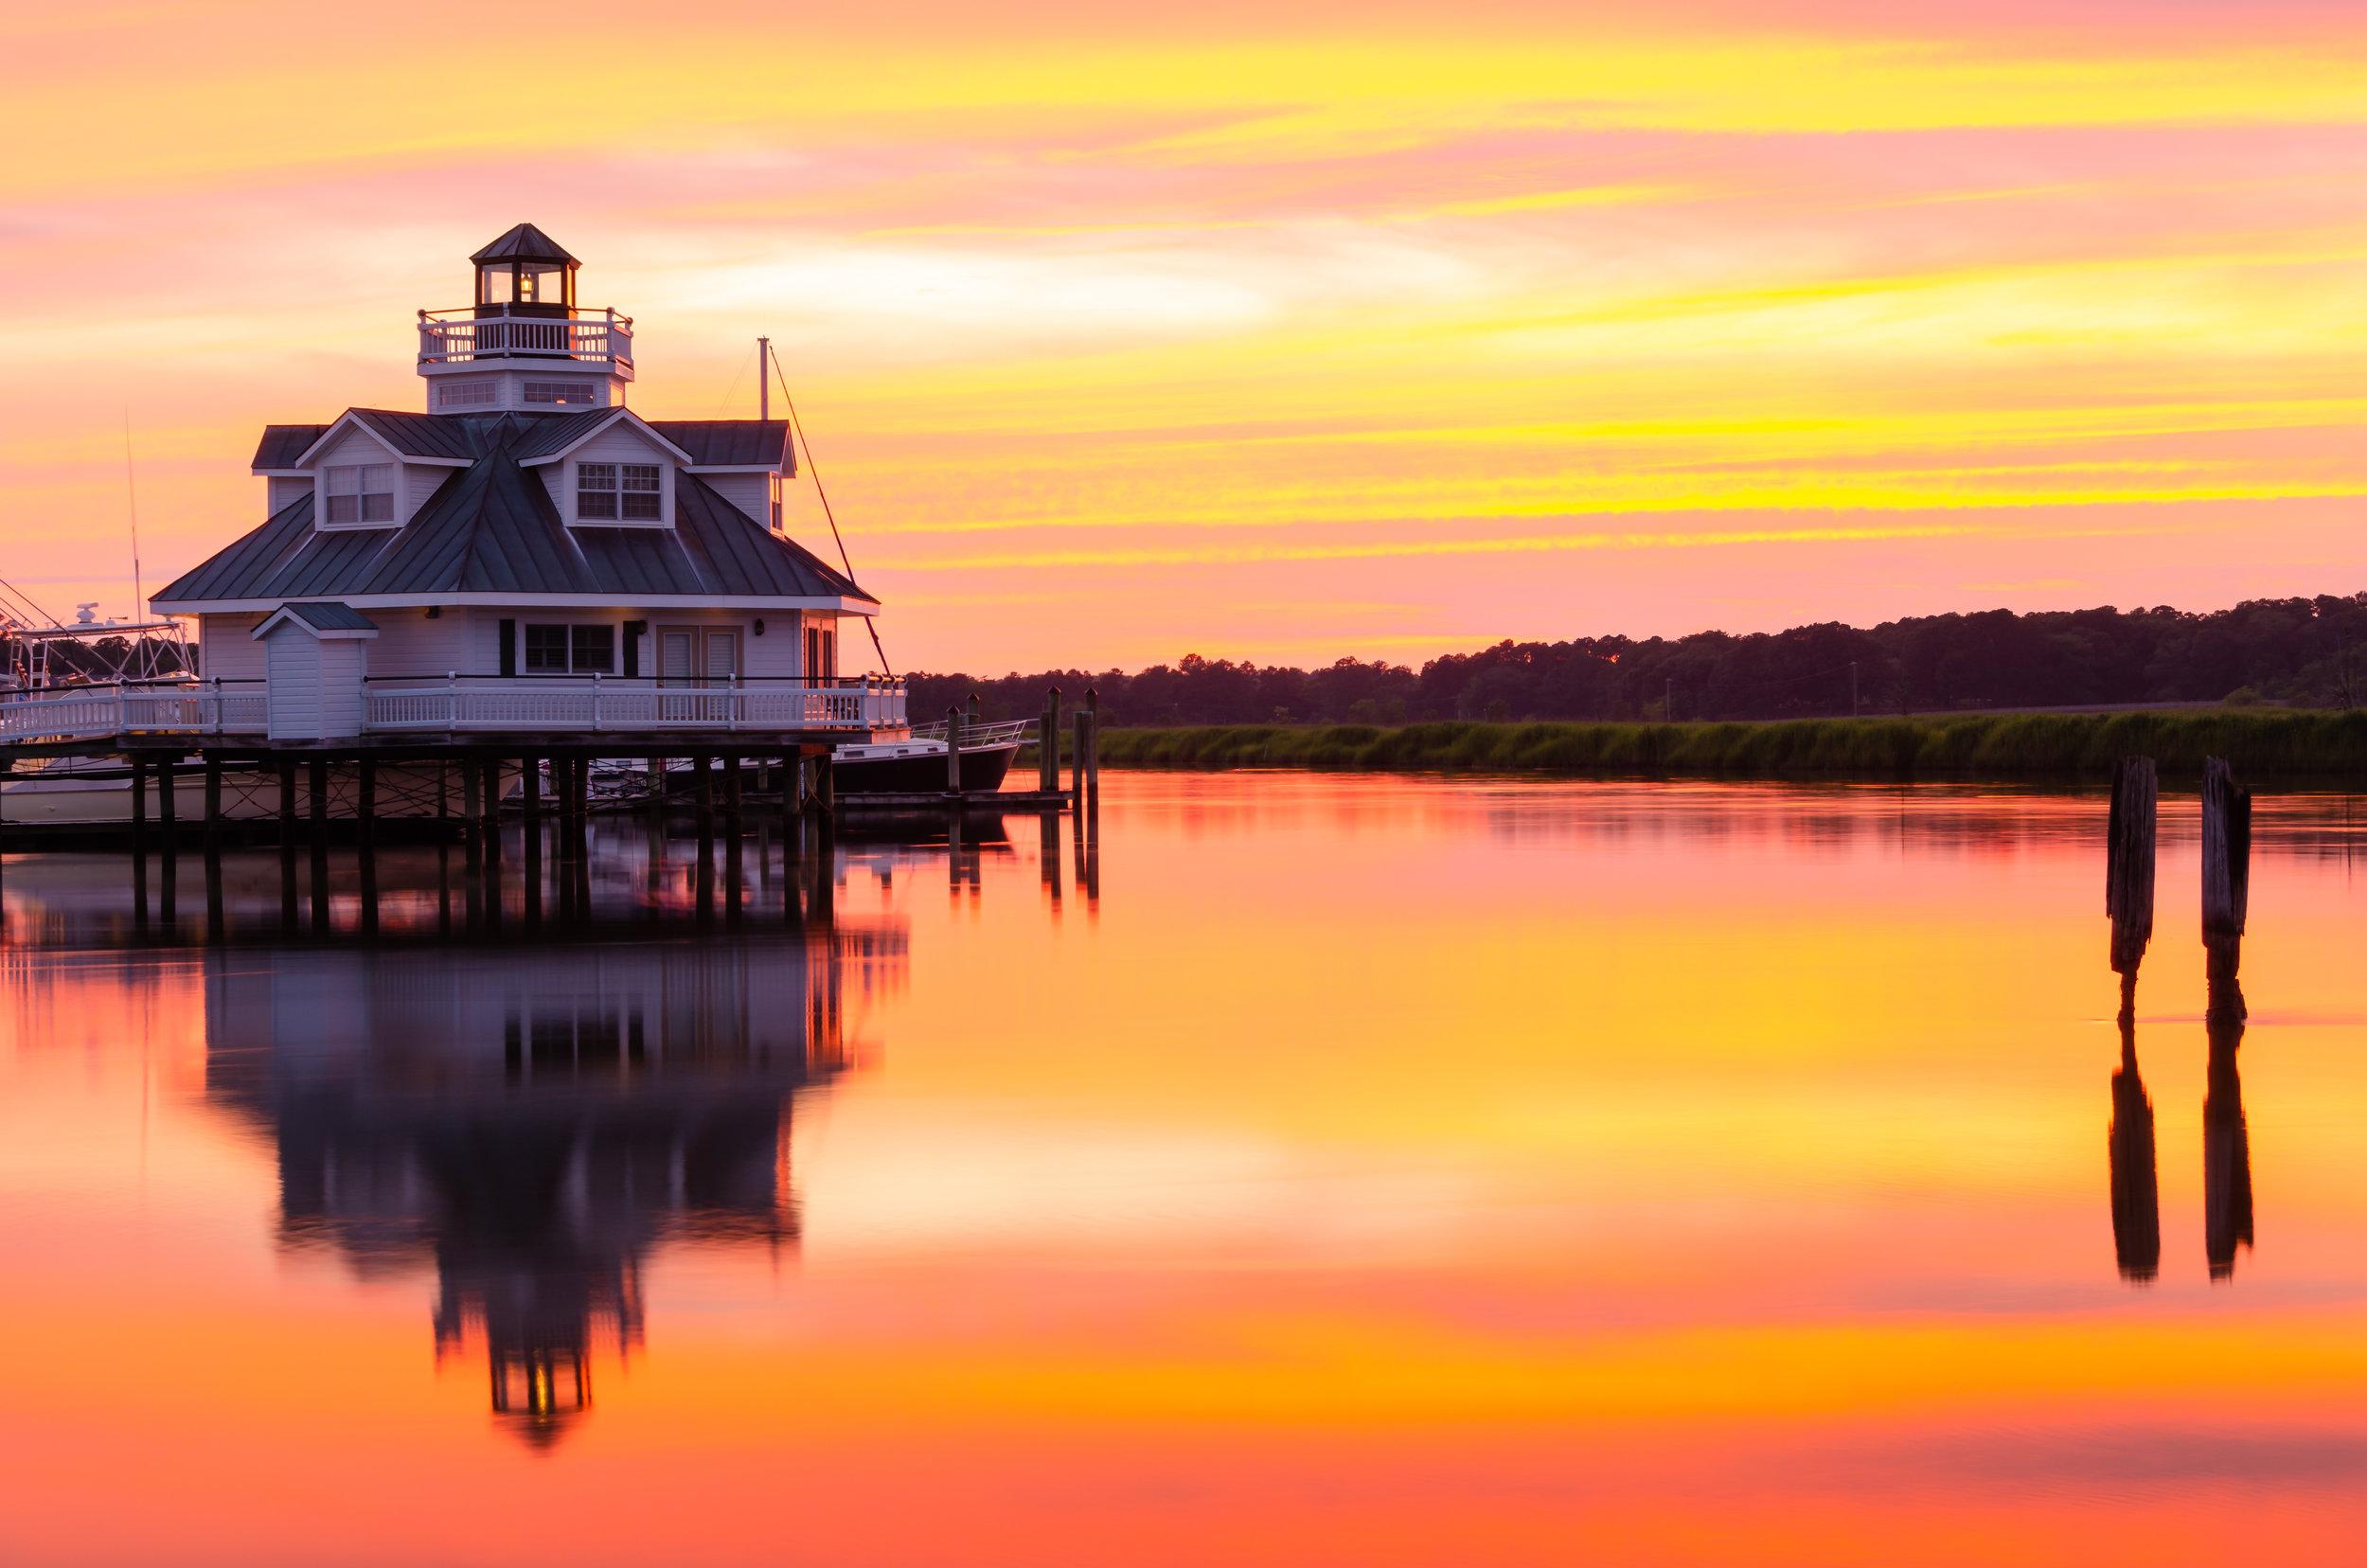 Smithfield-Virginia-Sunset-Water-reflection-3.JPG